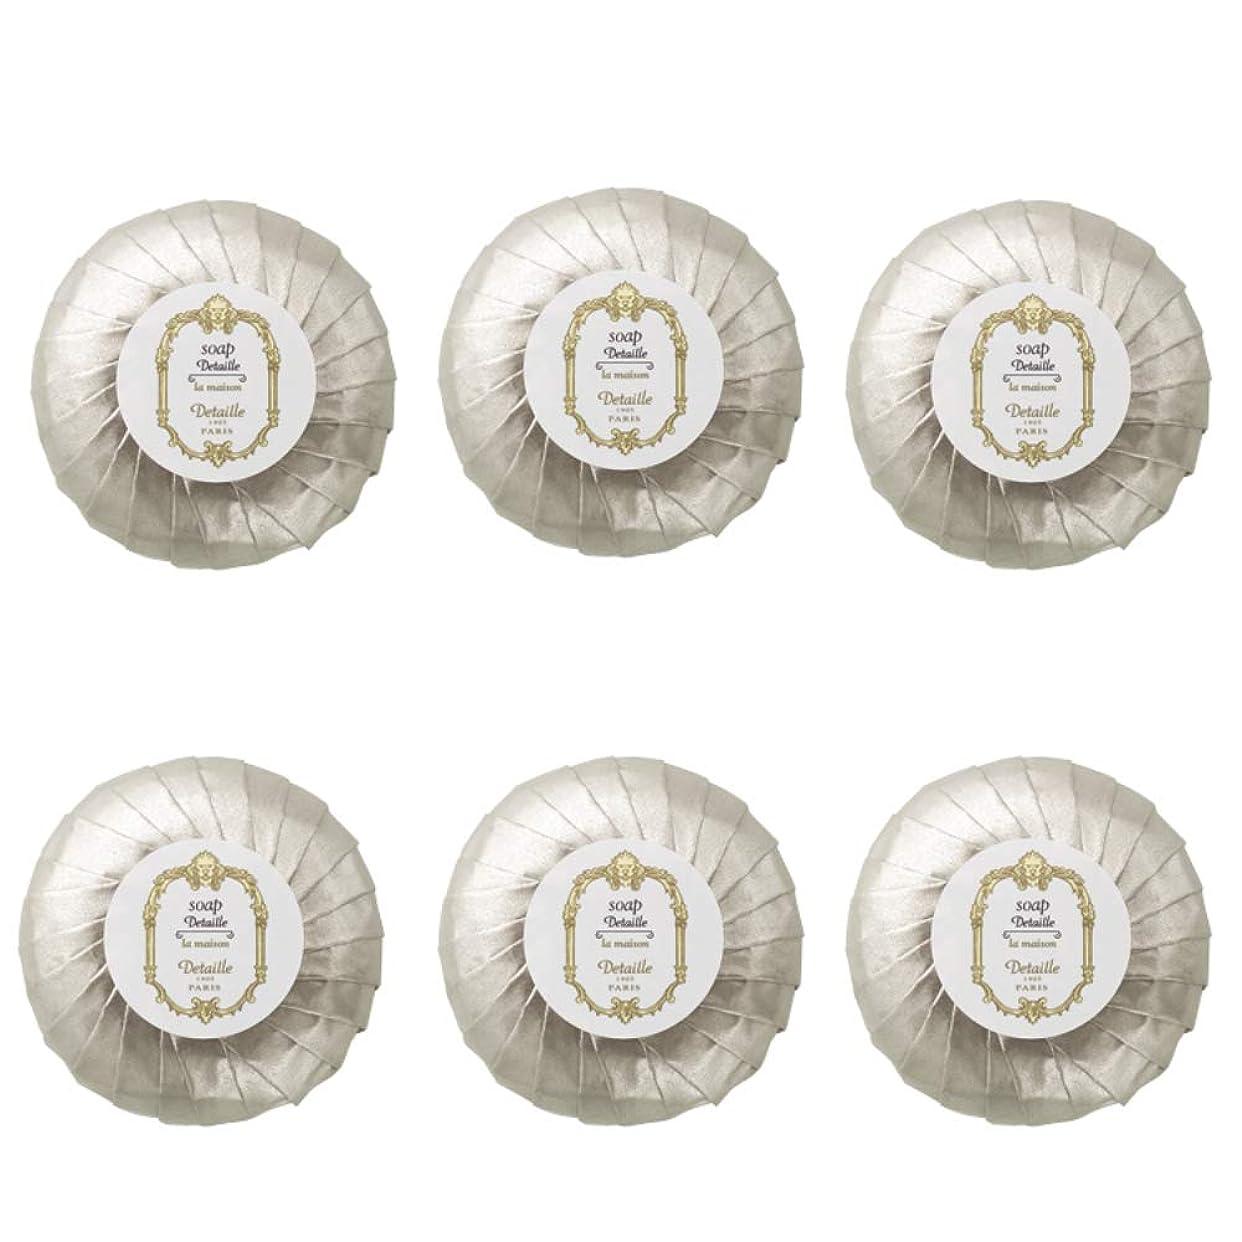 ヘルシー虎買うPOLA デタイユ ラ メゾン スキンソープ 固形石鹸 (プリーツ包装) 50g×6個